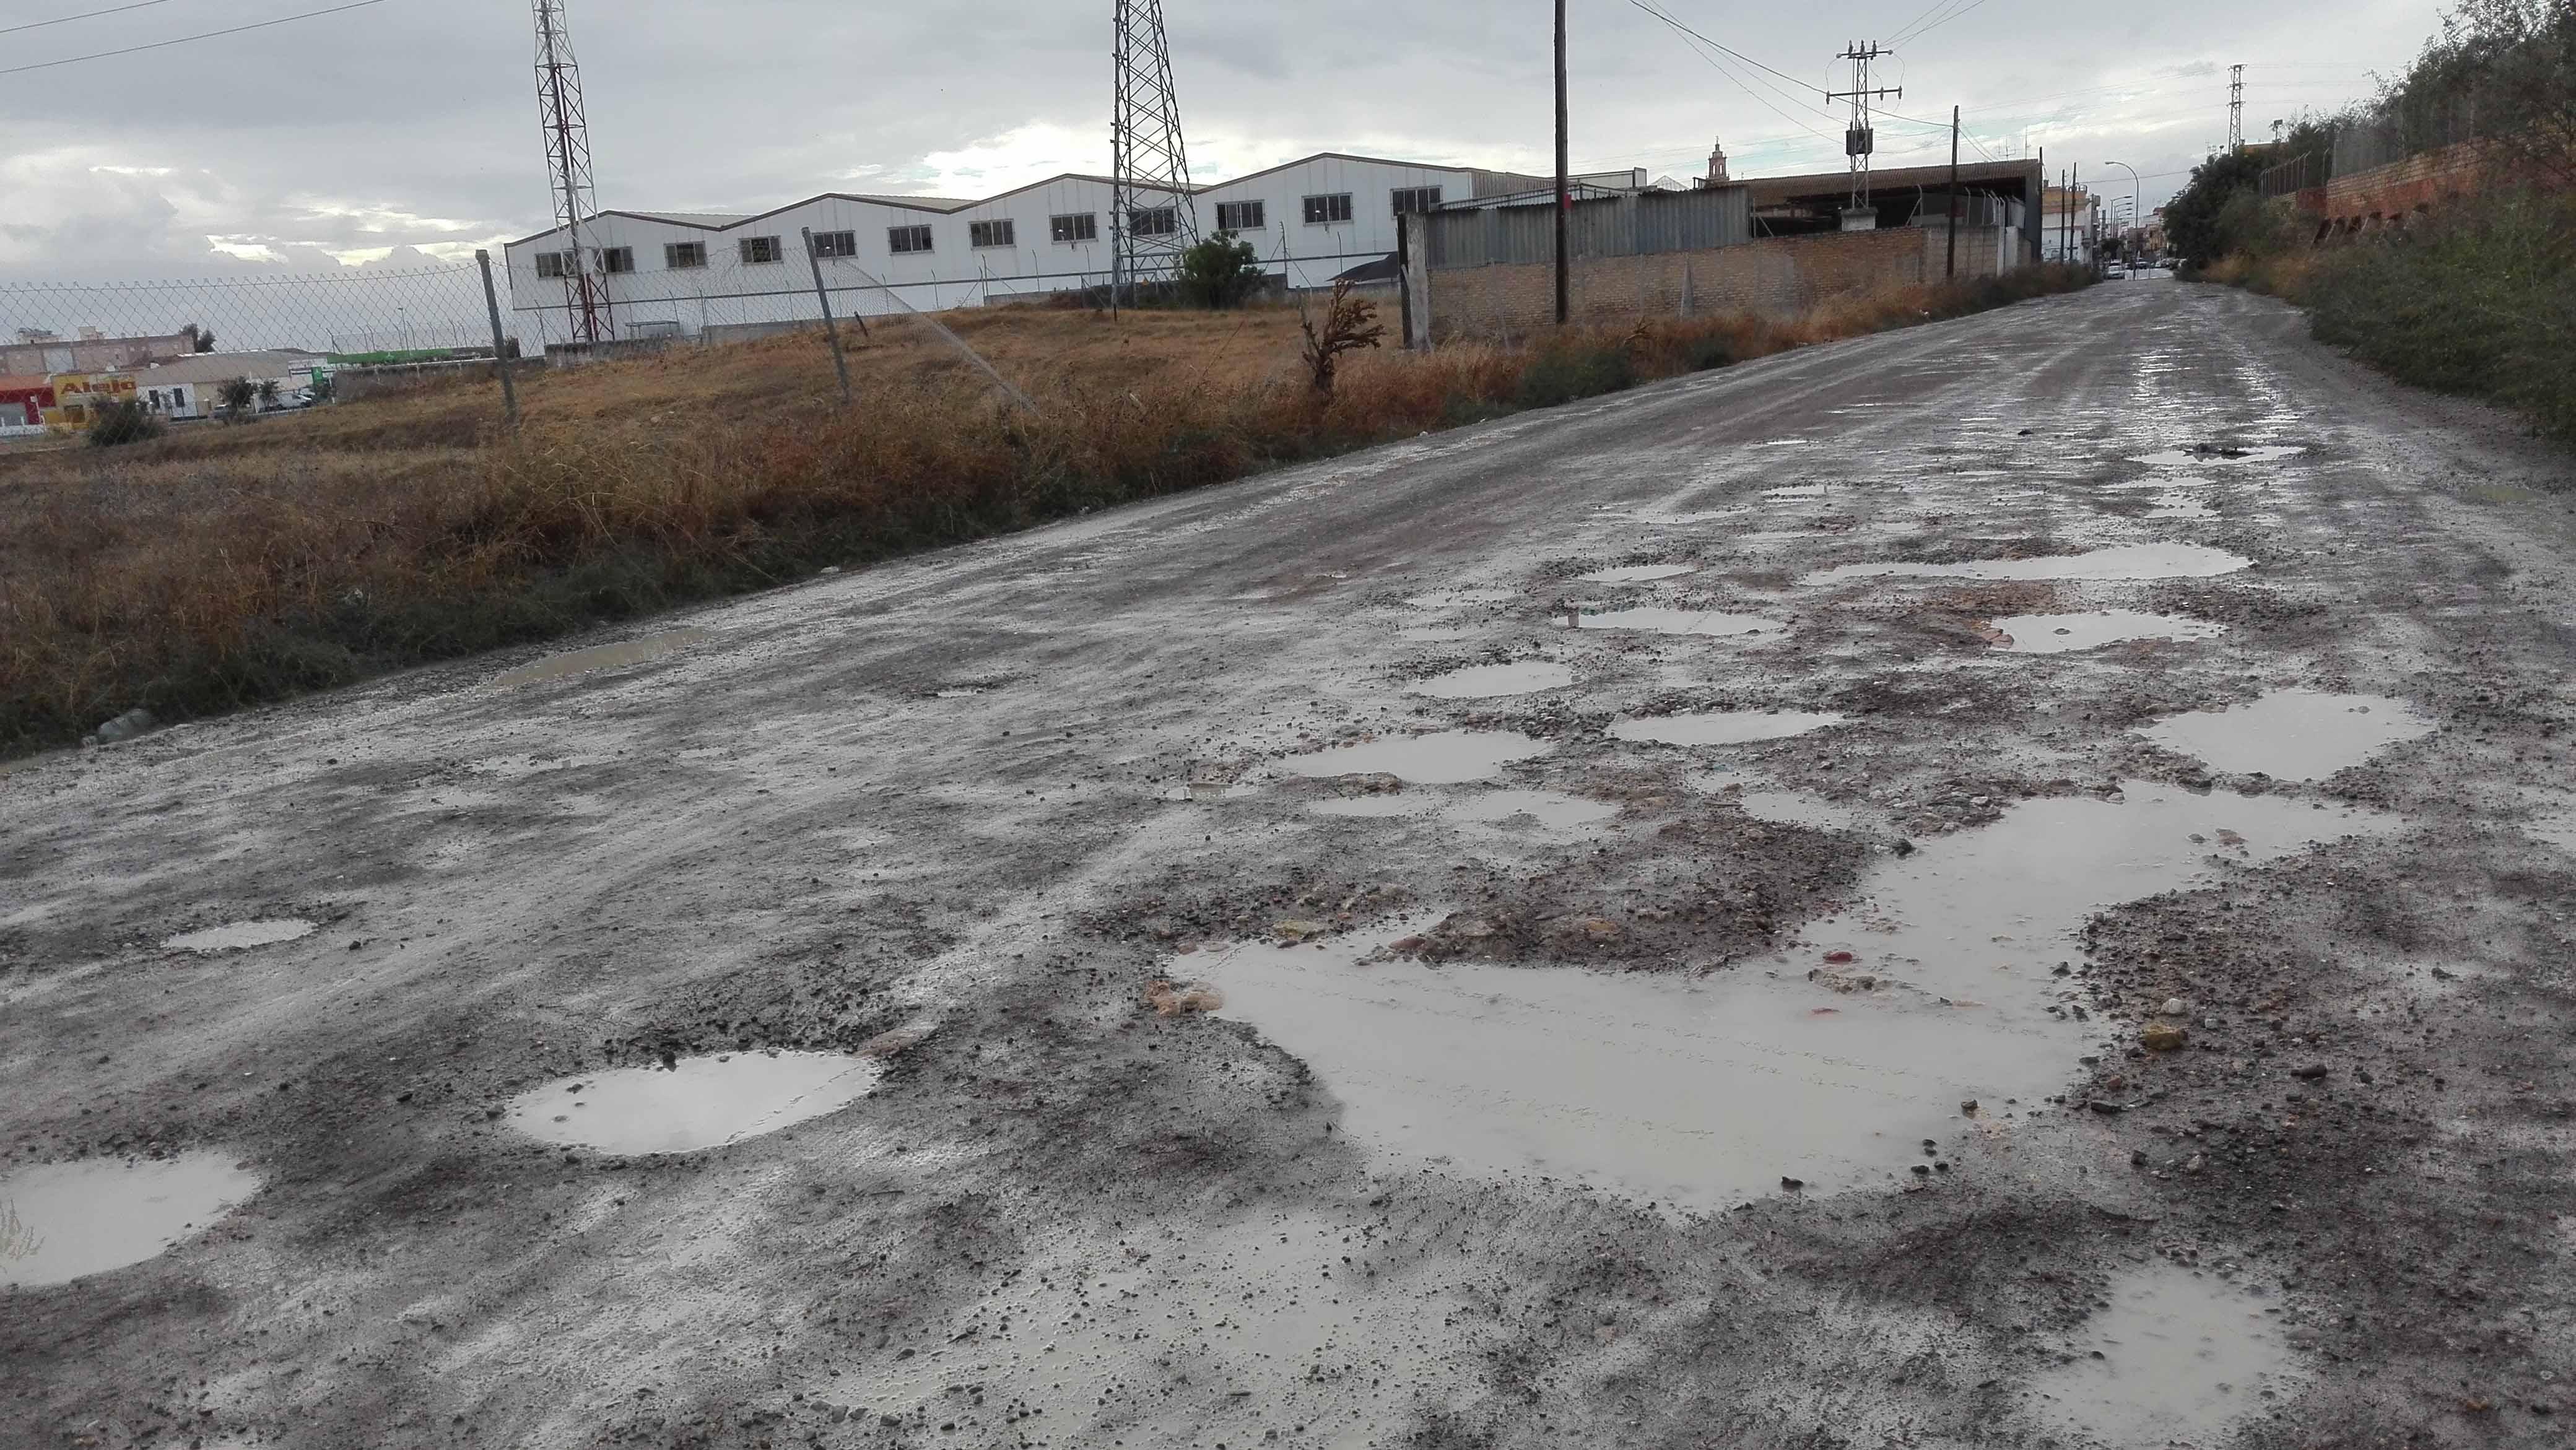 Con las lluvias, el camino de Molares se convierte en una vía impracticable